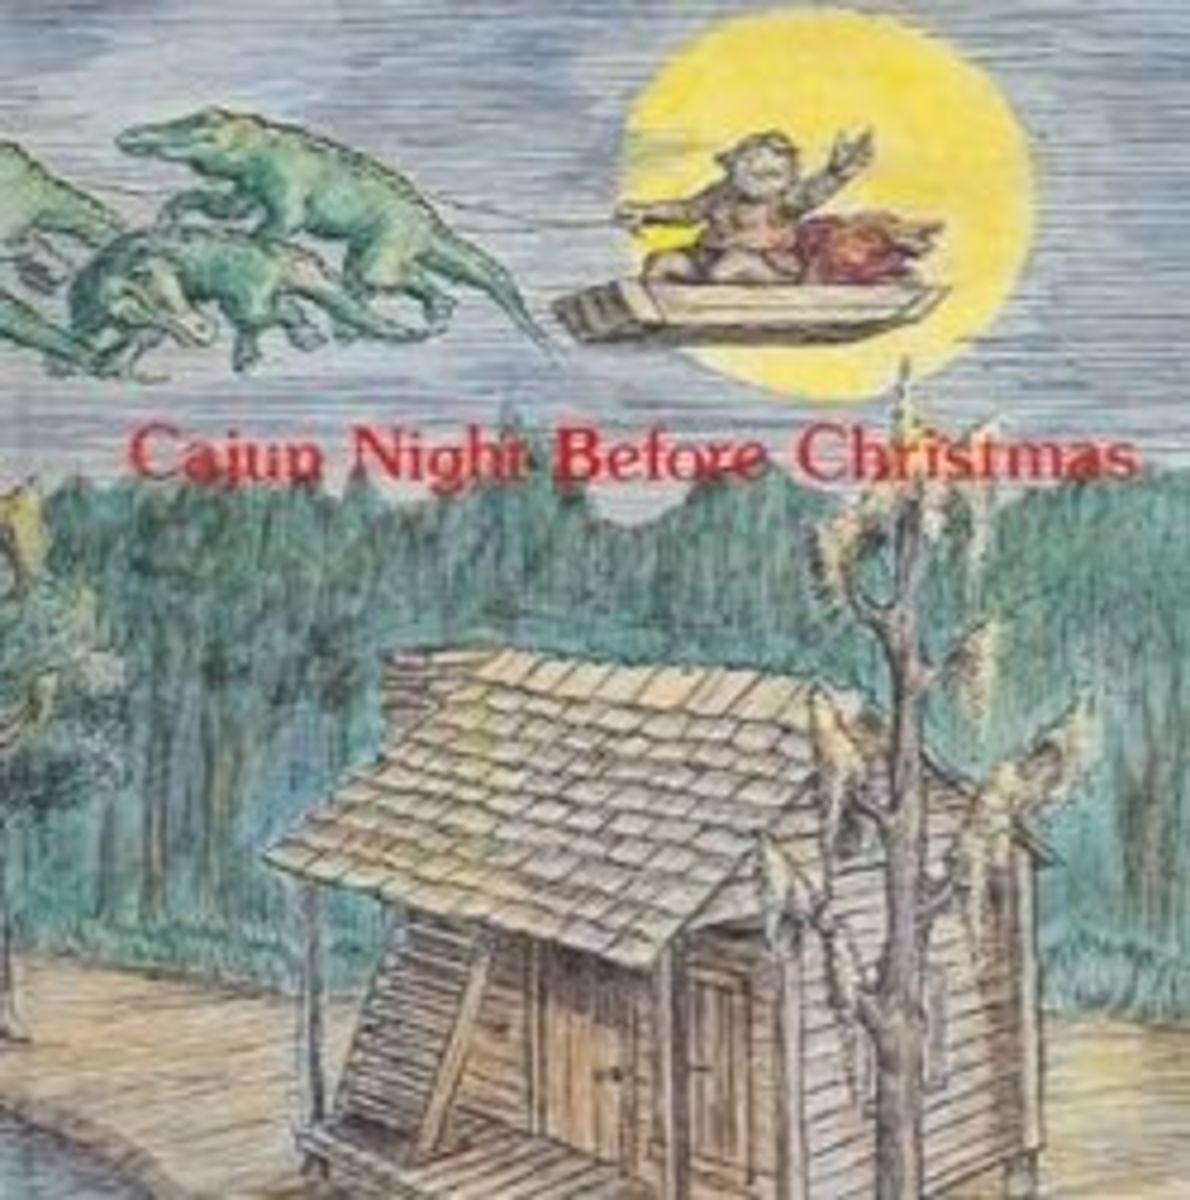 cajun night before christmas - Cajun Night Before Christmas